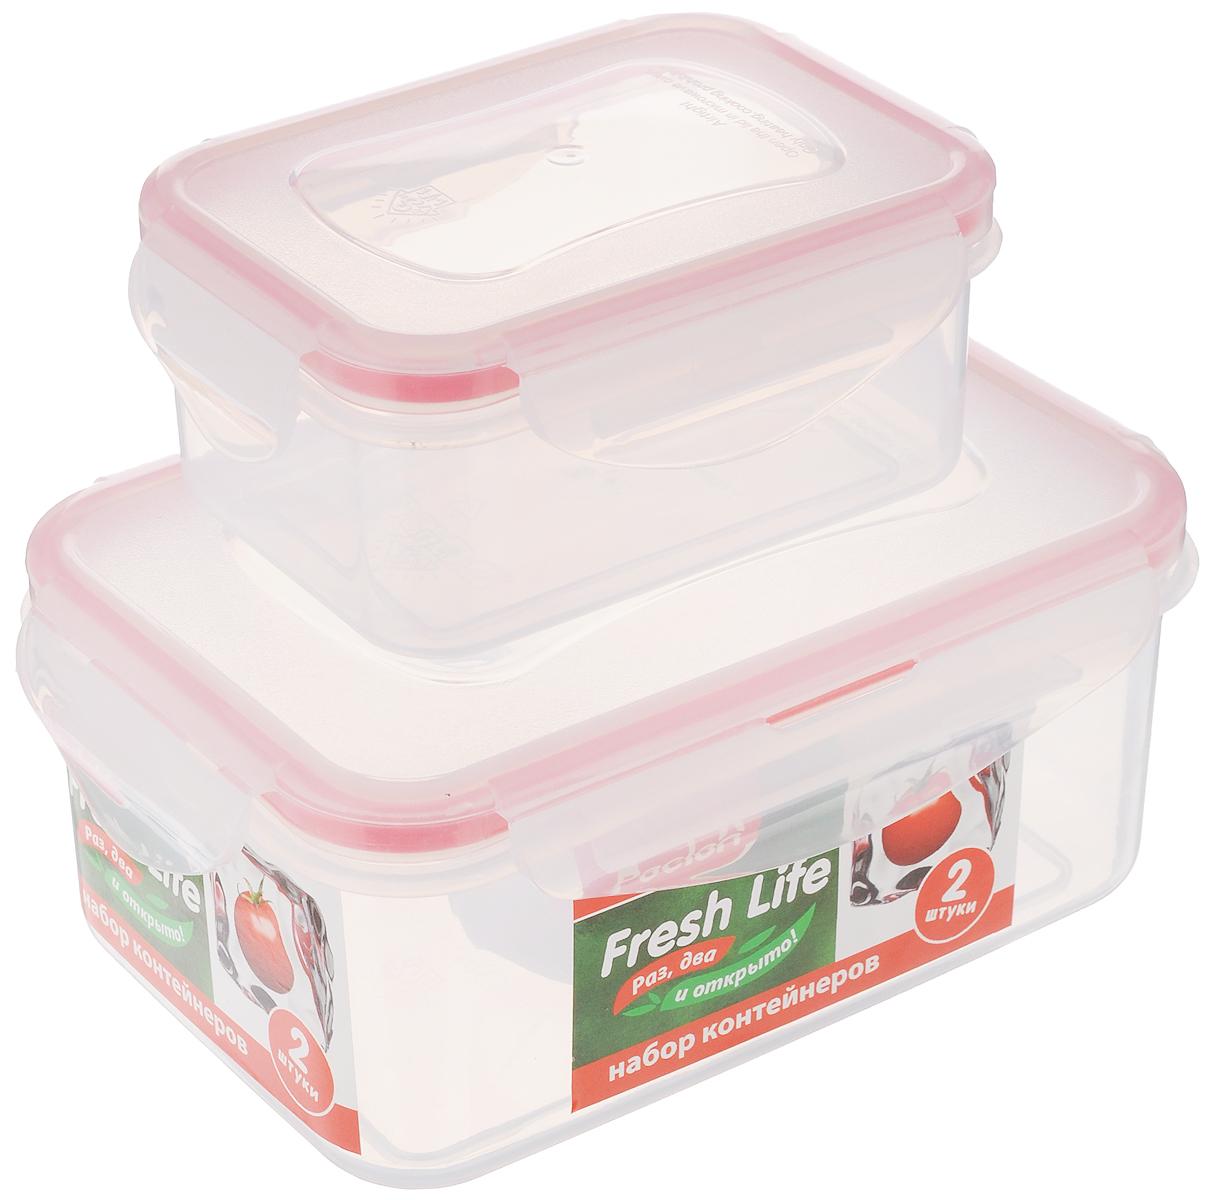 Набор контейнеров для хранения продуктов Paclan Fresh Life, 2 шт21395599Набор контейнеров Paclan Fresh Life, выполненных из полипропилена, предназначен для хранения, заморозки и разогрева в микроволновой печи (при снятой крышке). После использования промыть теплой водой. Можно мыть в посудомоечной машине.Не пригодны для приготовления пищи.Объем контейнеров: 0,4 л и 1 л.Высота стенок большого контейнера: 7 см.Размер большого контейнера (по верхнему краю): 16,5 х 11 см.Высота стенок маленького контейнера: 5 см.Размер маленького контейнера (по верхнему краю): 11,5 х 8,5 см.